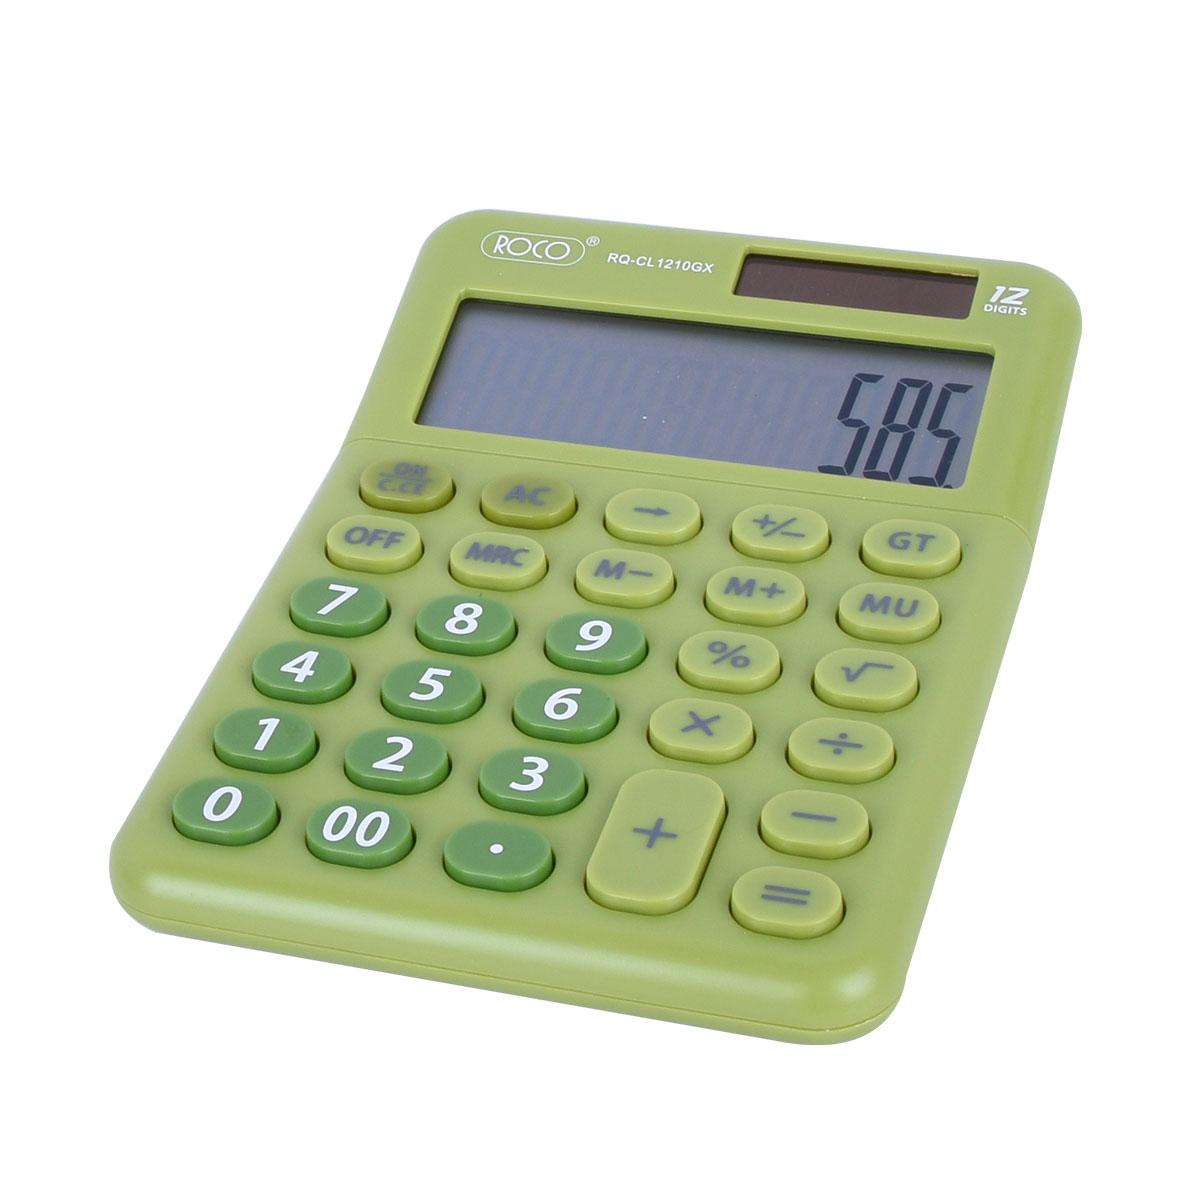 الة حاسبة للمكتب ،12 رقم ،شاشة كبيرة روكو RQ-CL1210GX